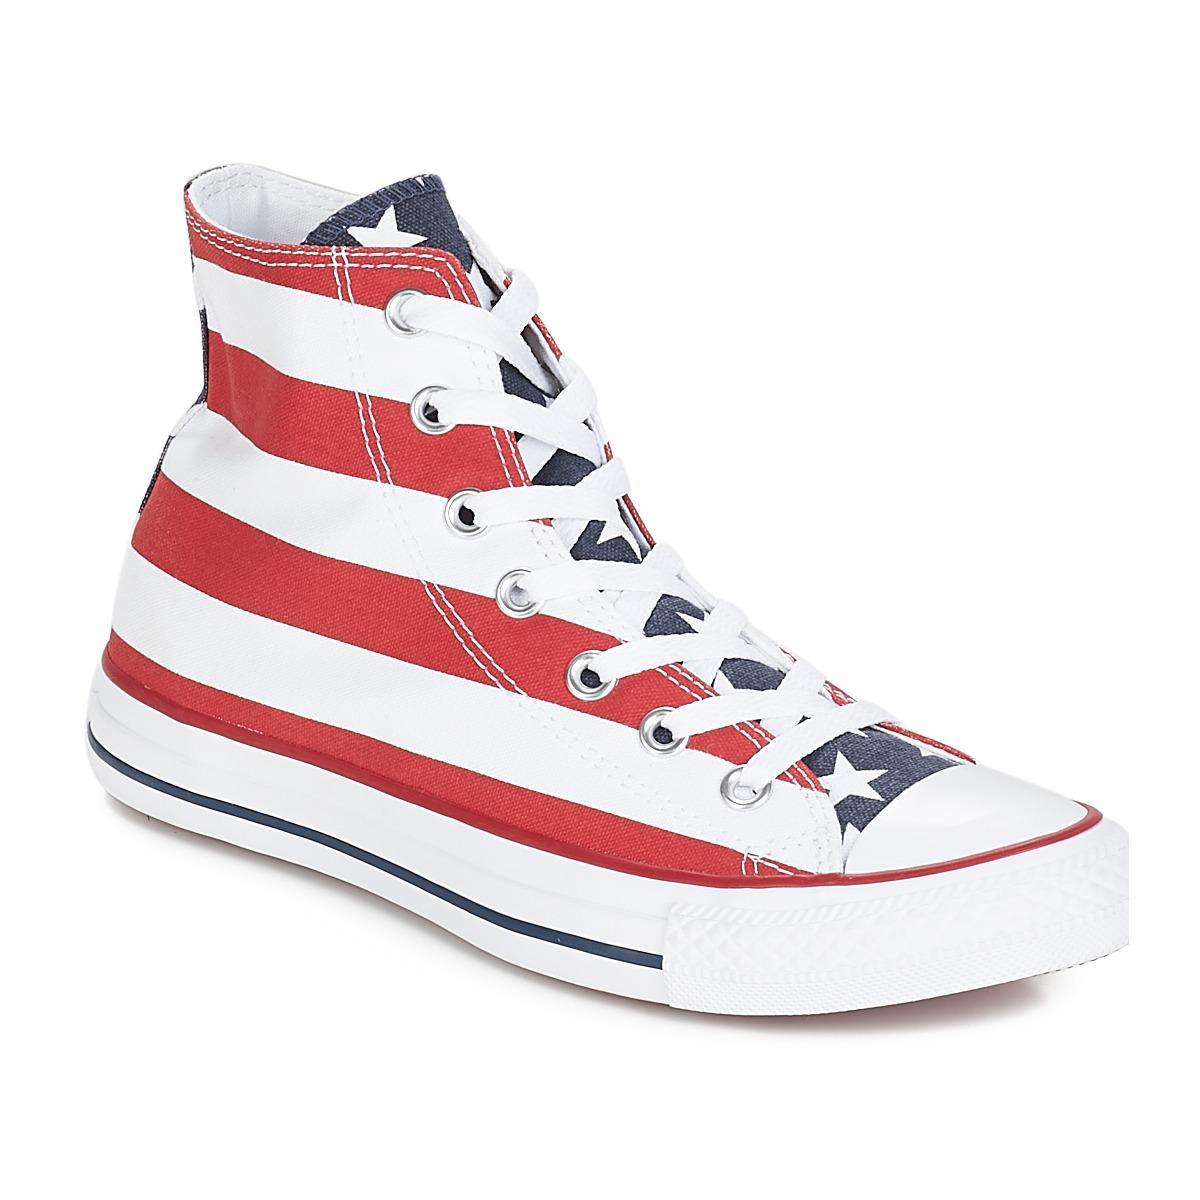 e0adc07f17f7 Converse Chuck Taylor All Star Print Hi Men s Shoes (high-top ...